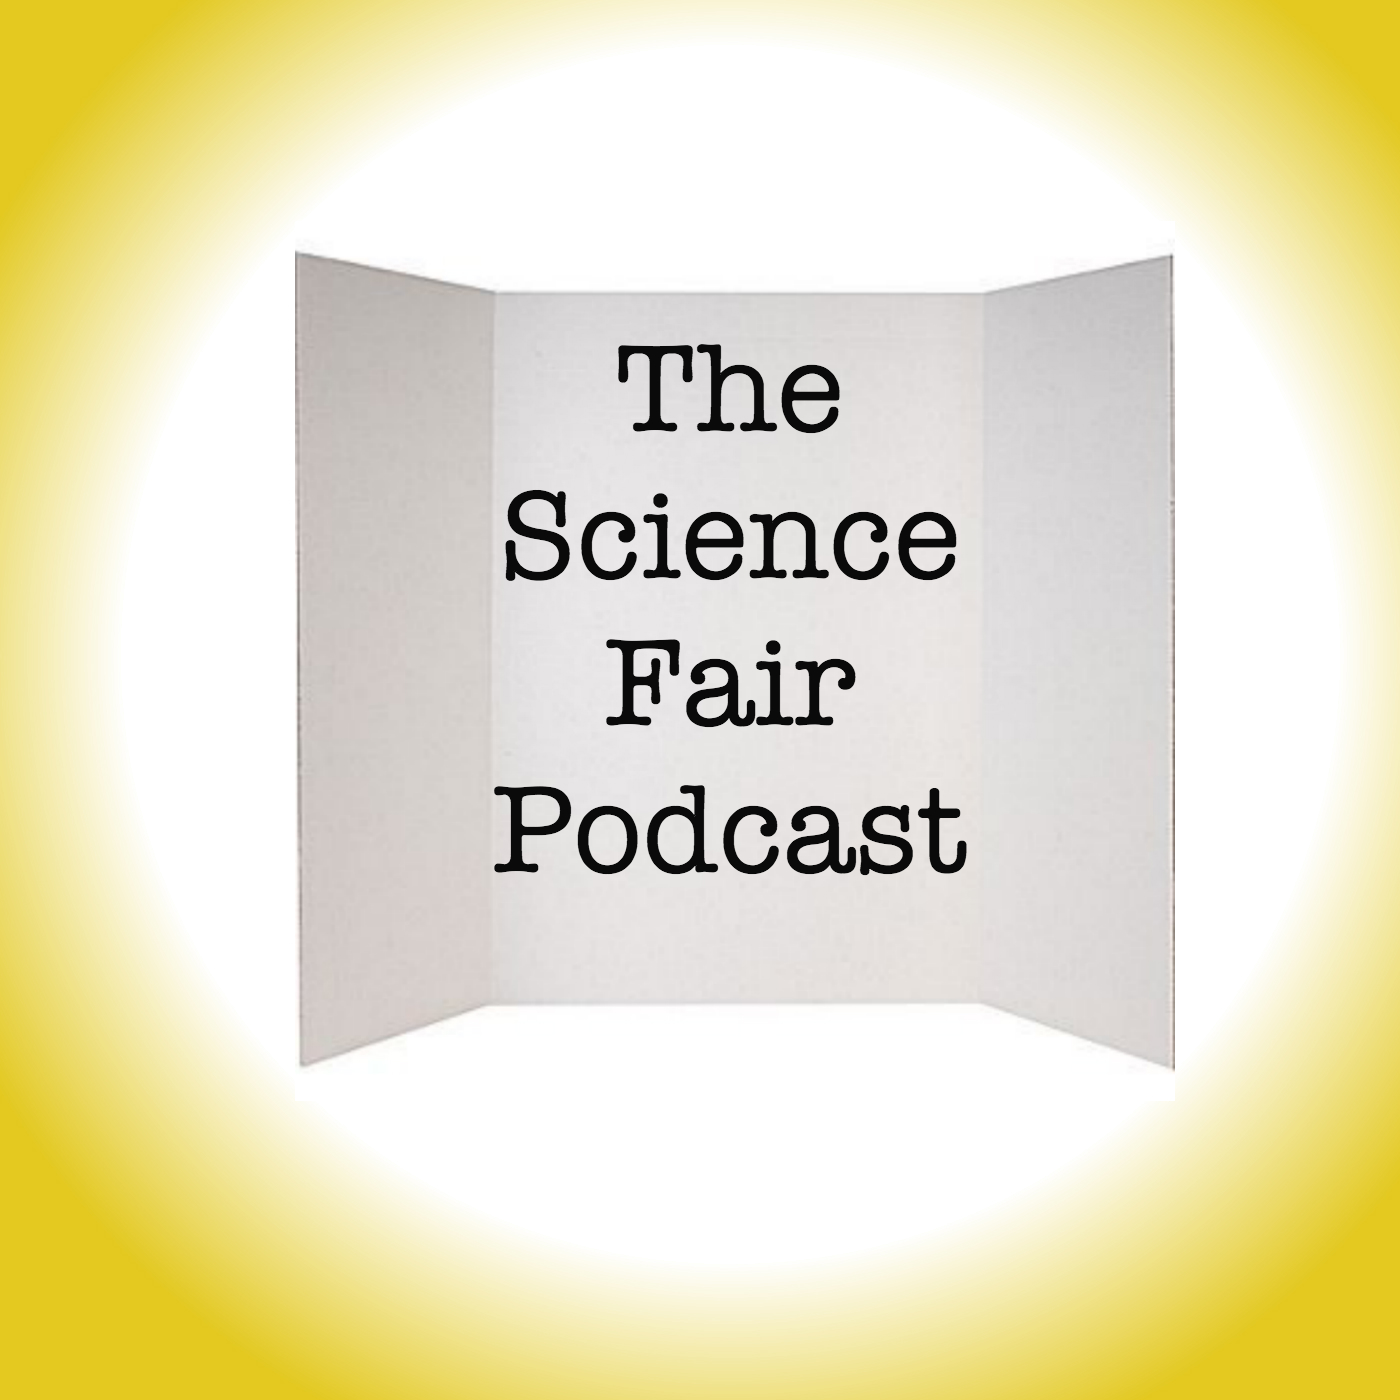 The Science Fair Podcast